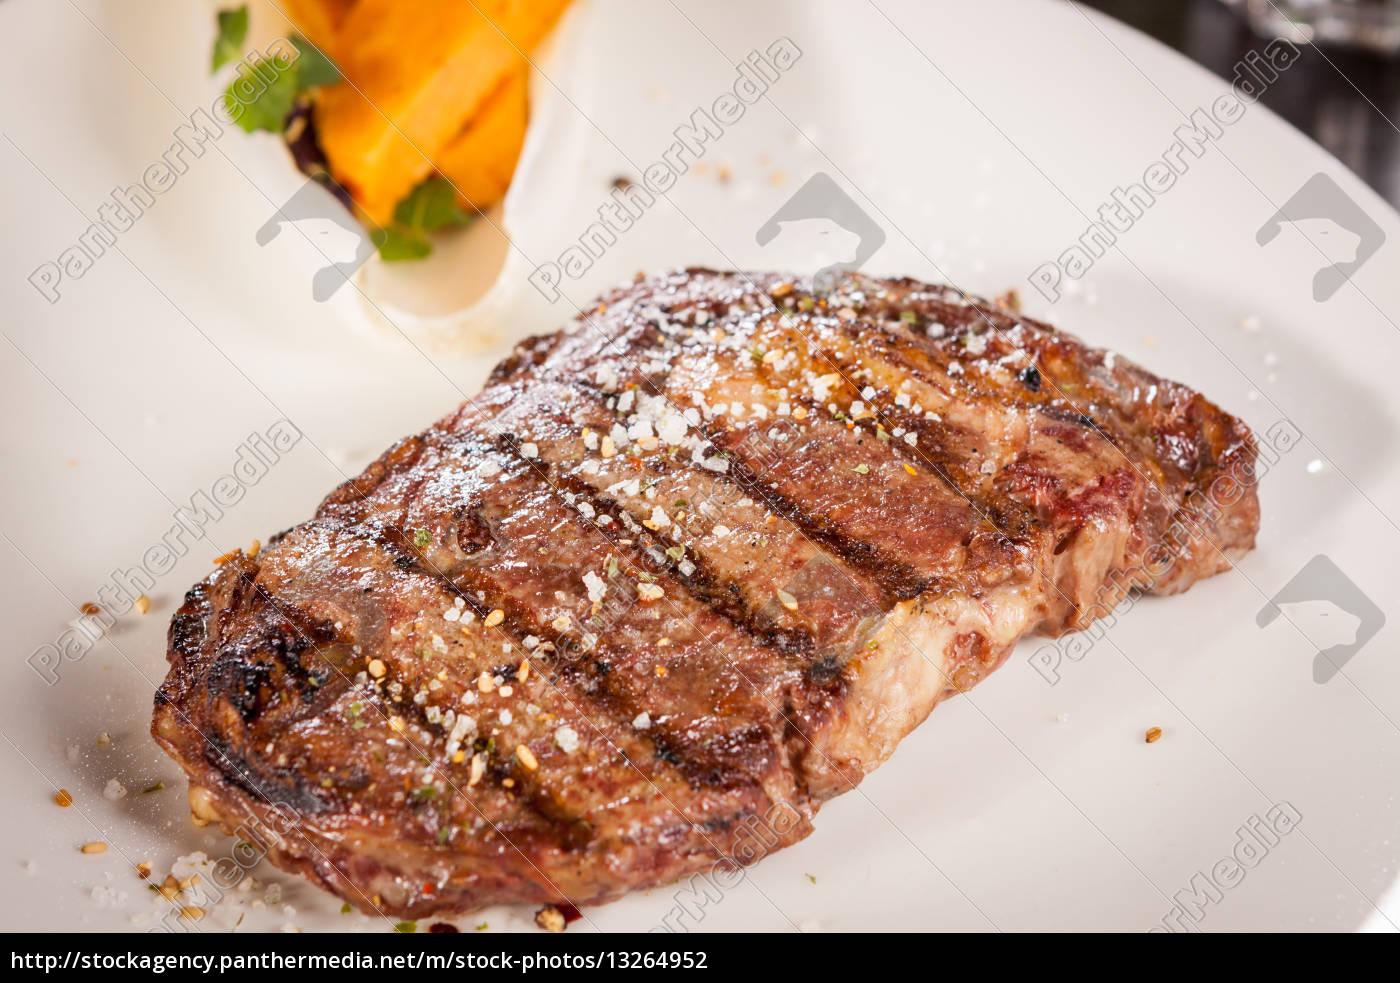 juicy, grilled, beef, tenderloin, steak, with - 13264952